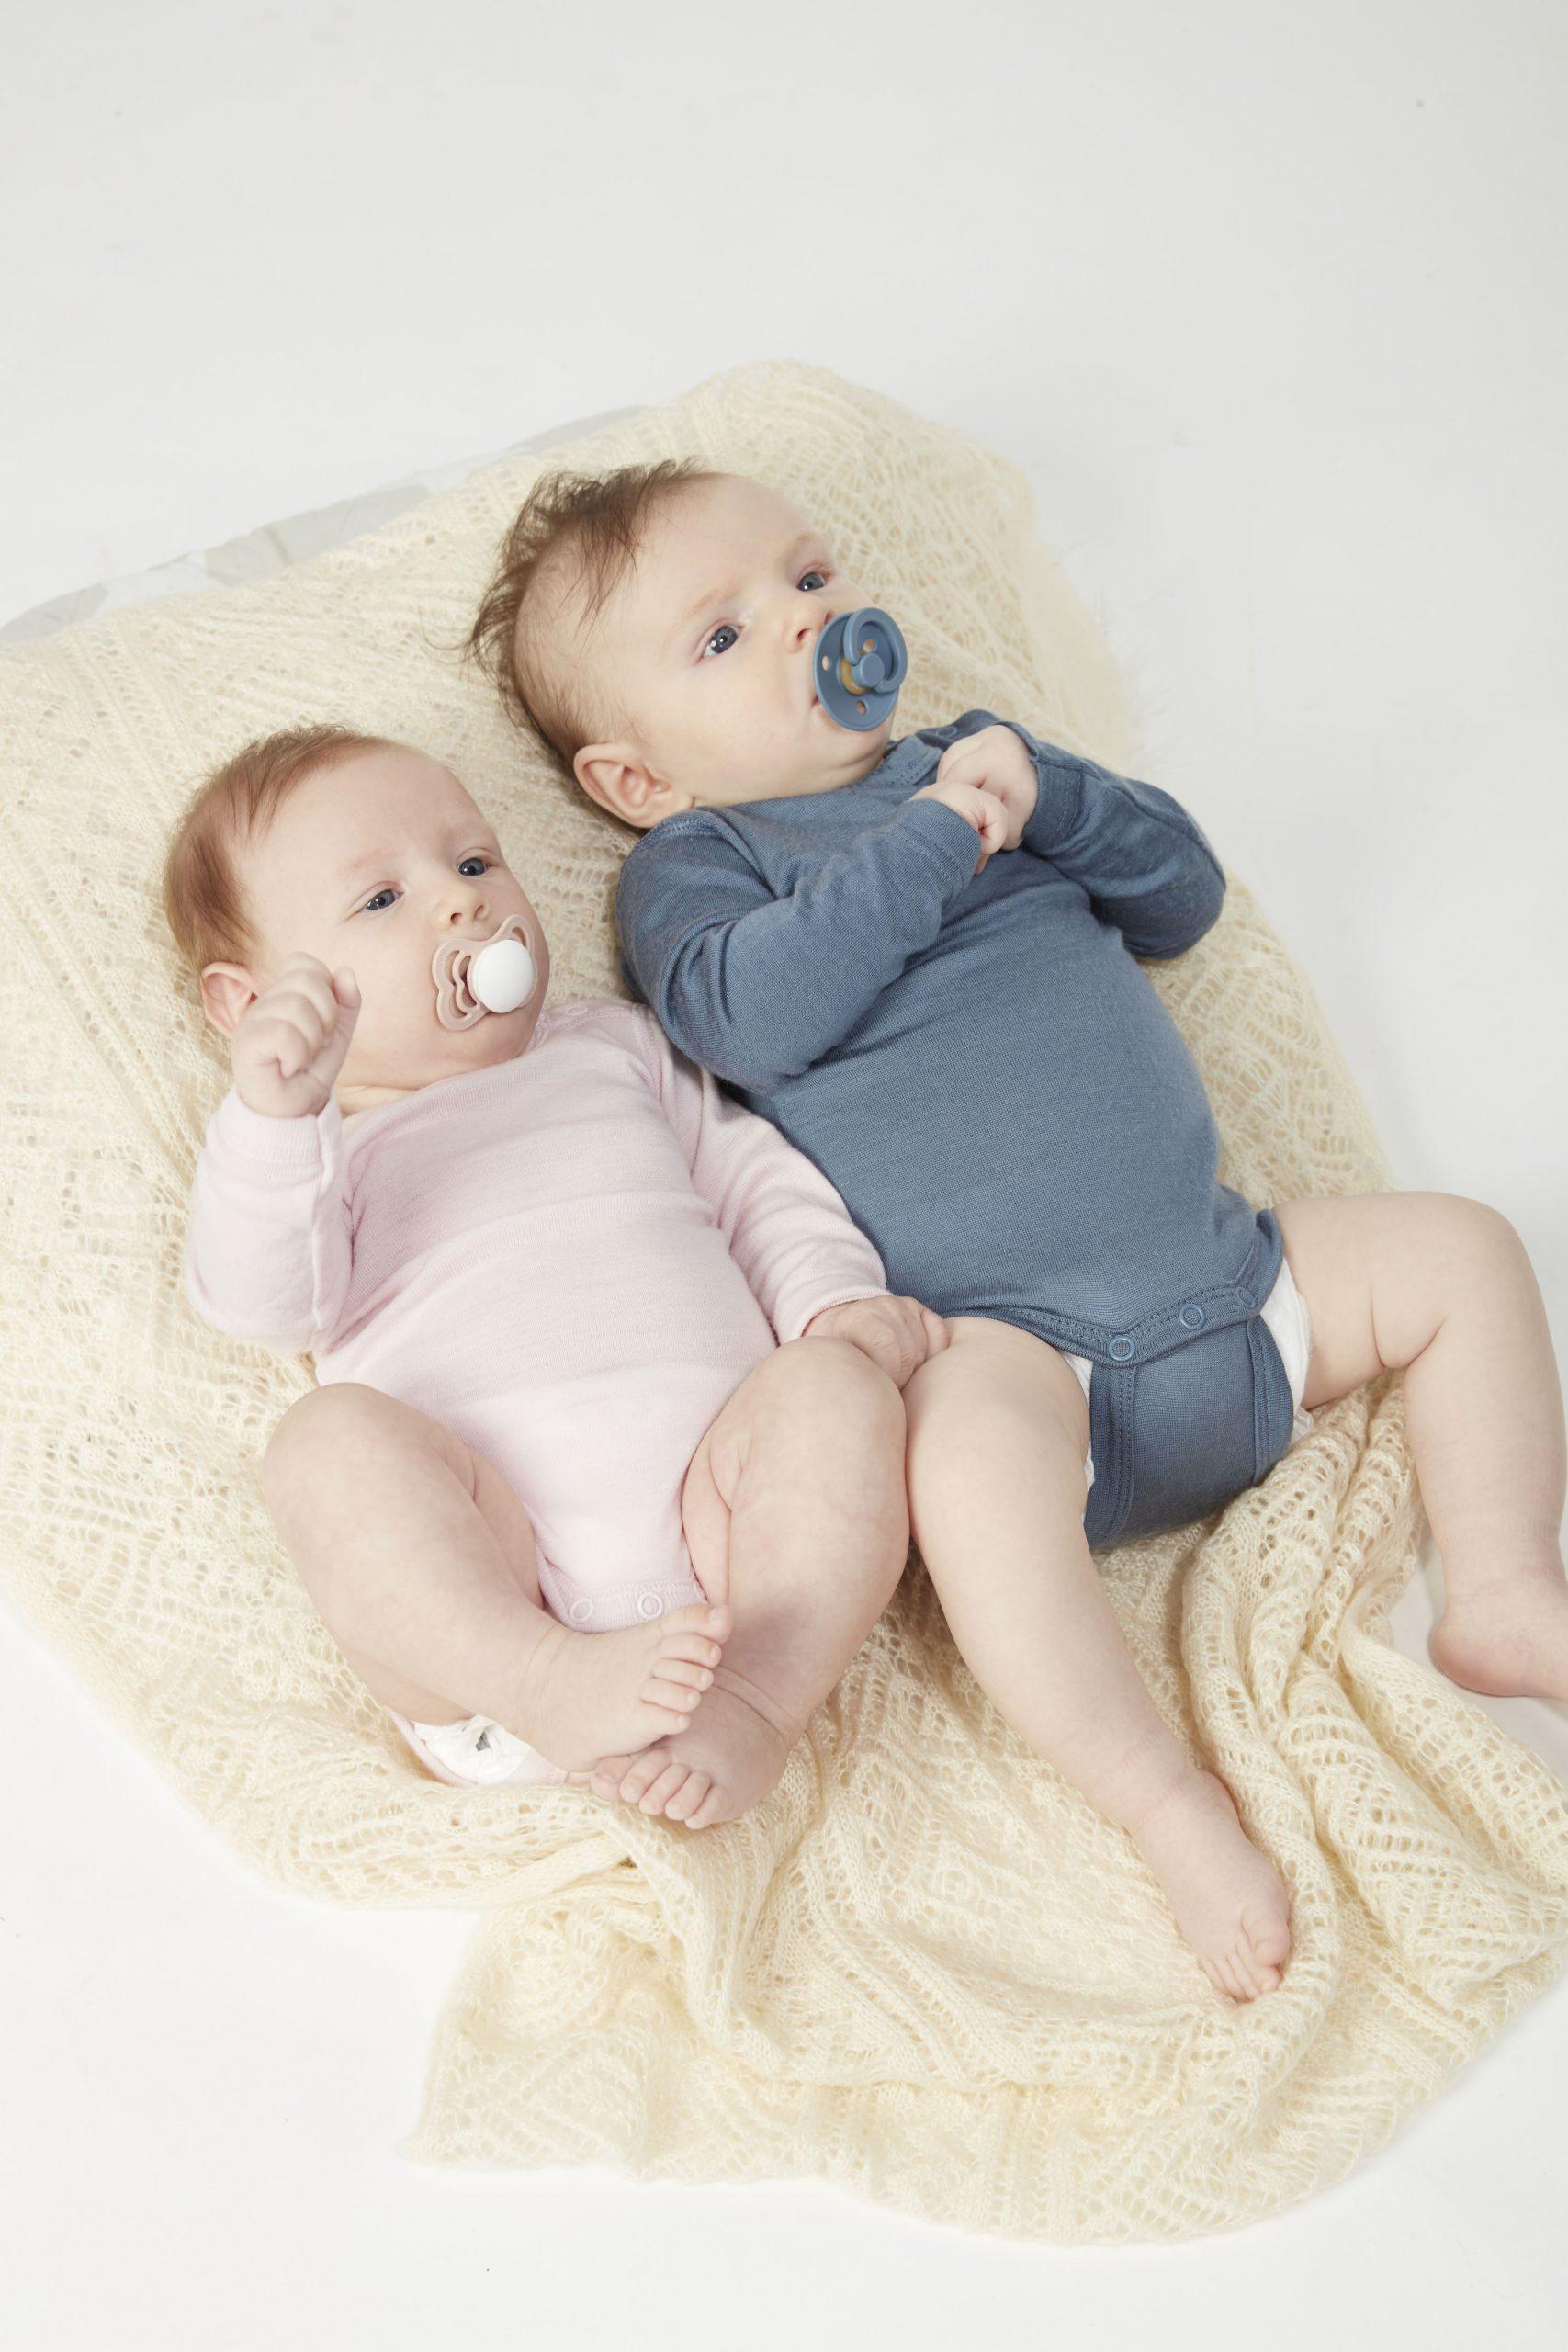 赤ちゃんのおしゃぶり選びのポイント